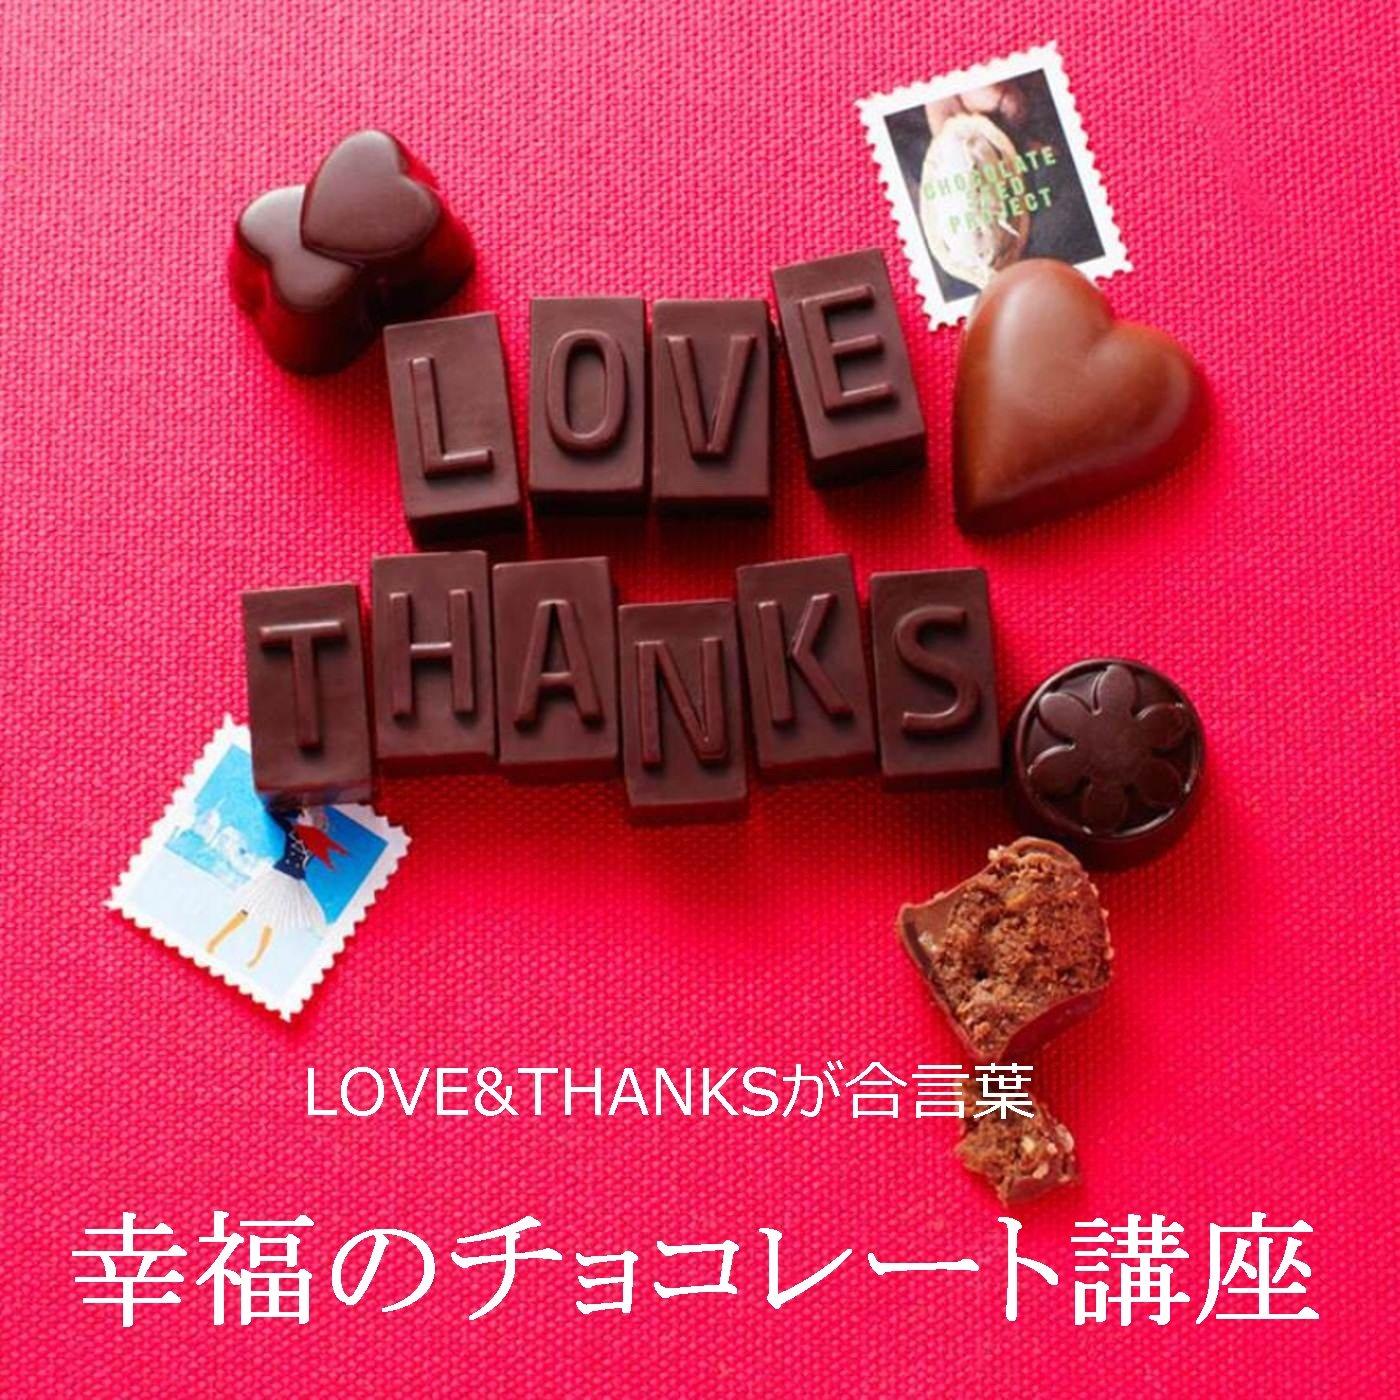 幸福のチョコレート講座 2019年11月17日・福岡開催 16:00~